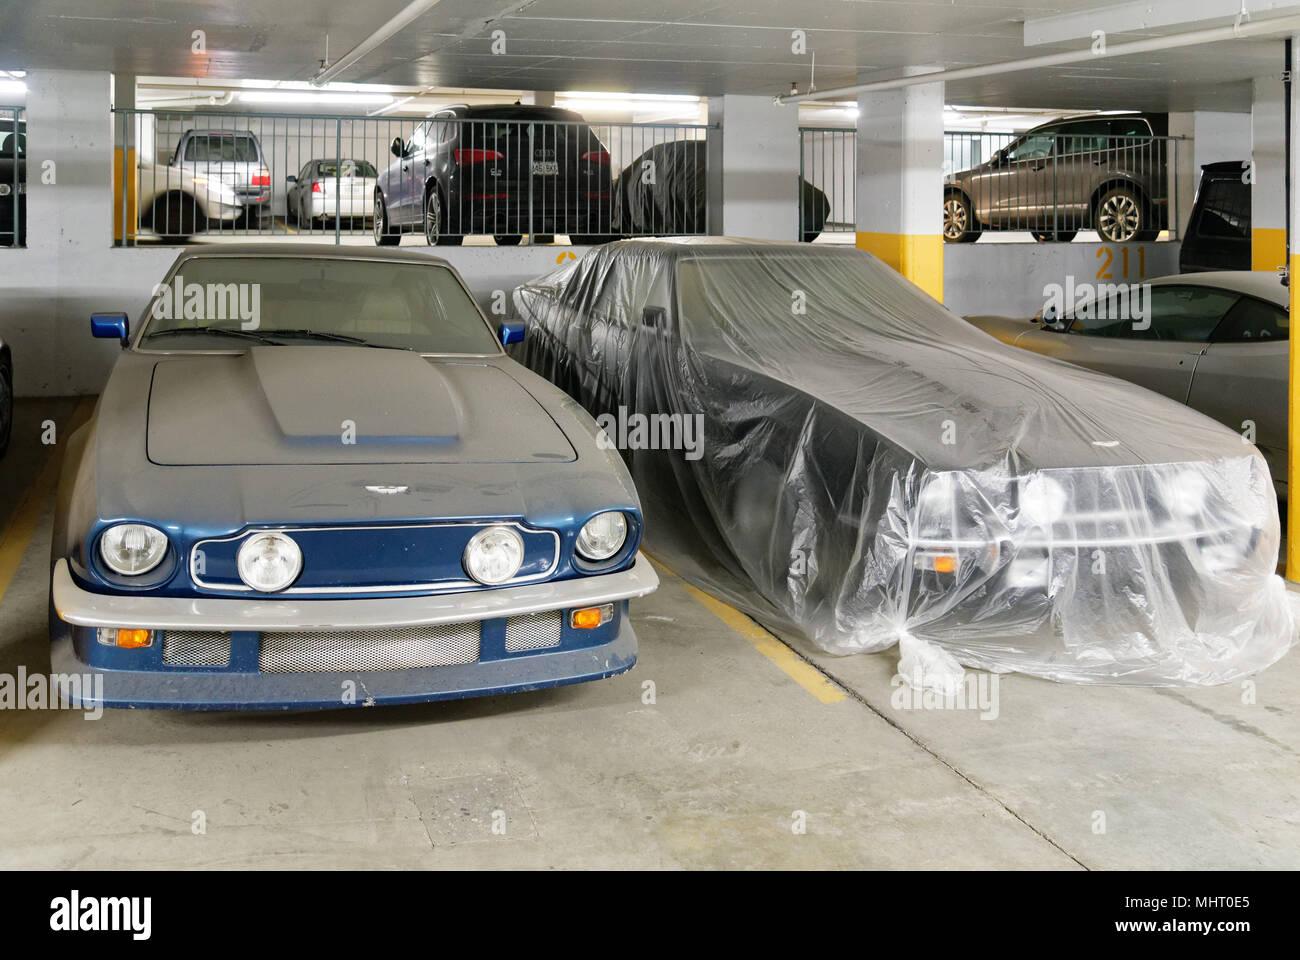 Teurer Luxus Autos In Einer Tiefgarage In Montreal Quebec